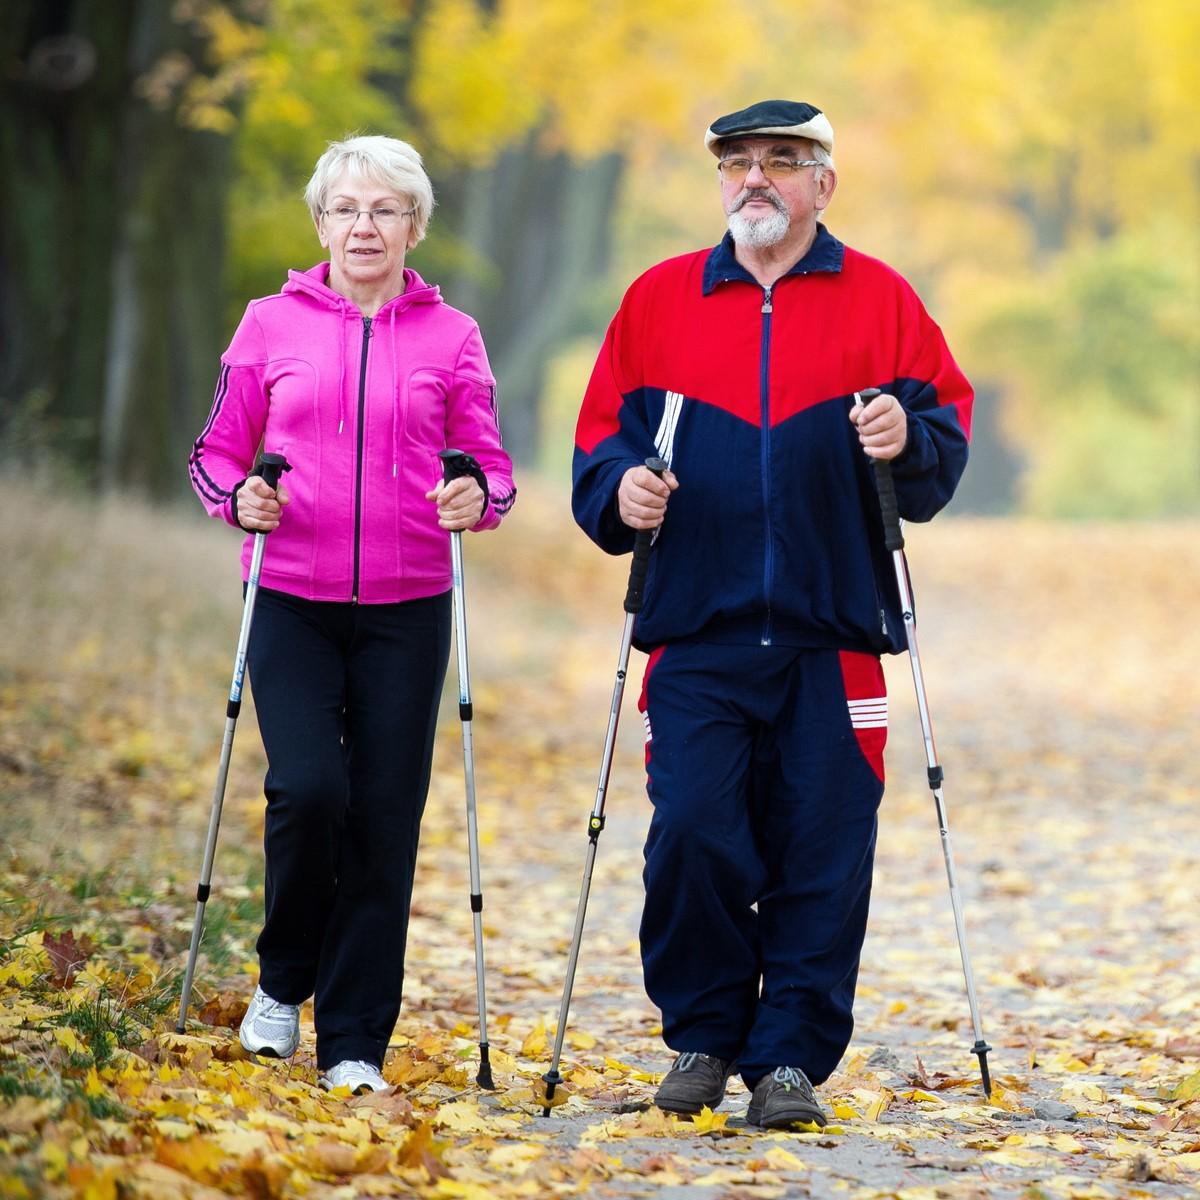 Скандинавская ходьба с палками техника ходьбы для пожилых